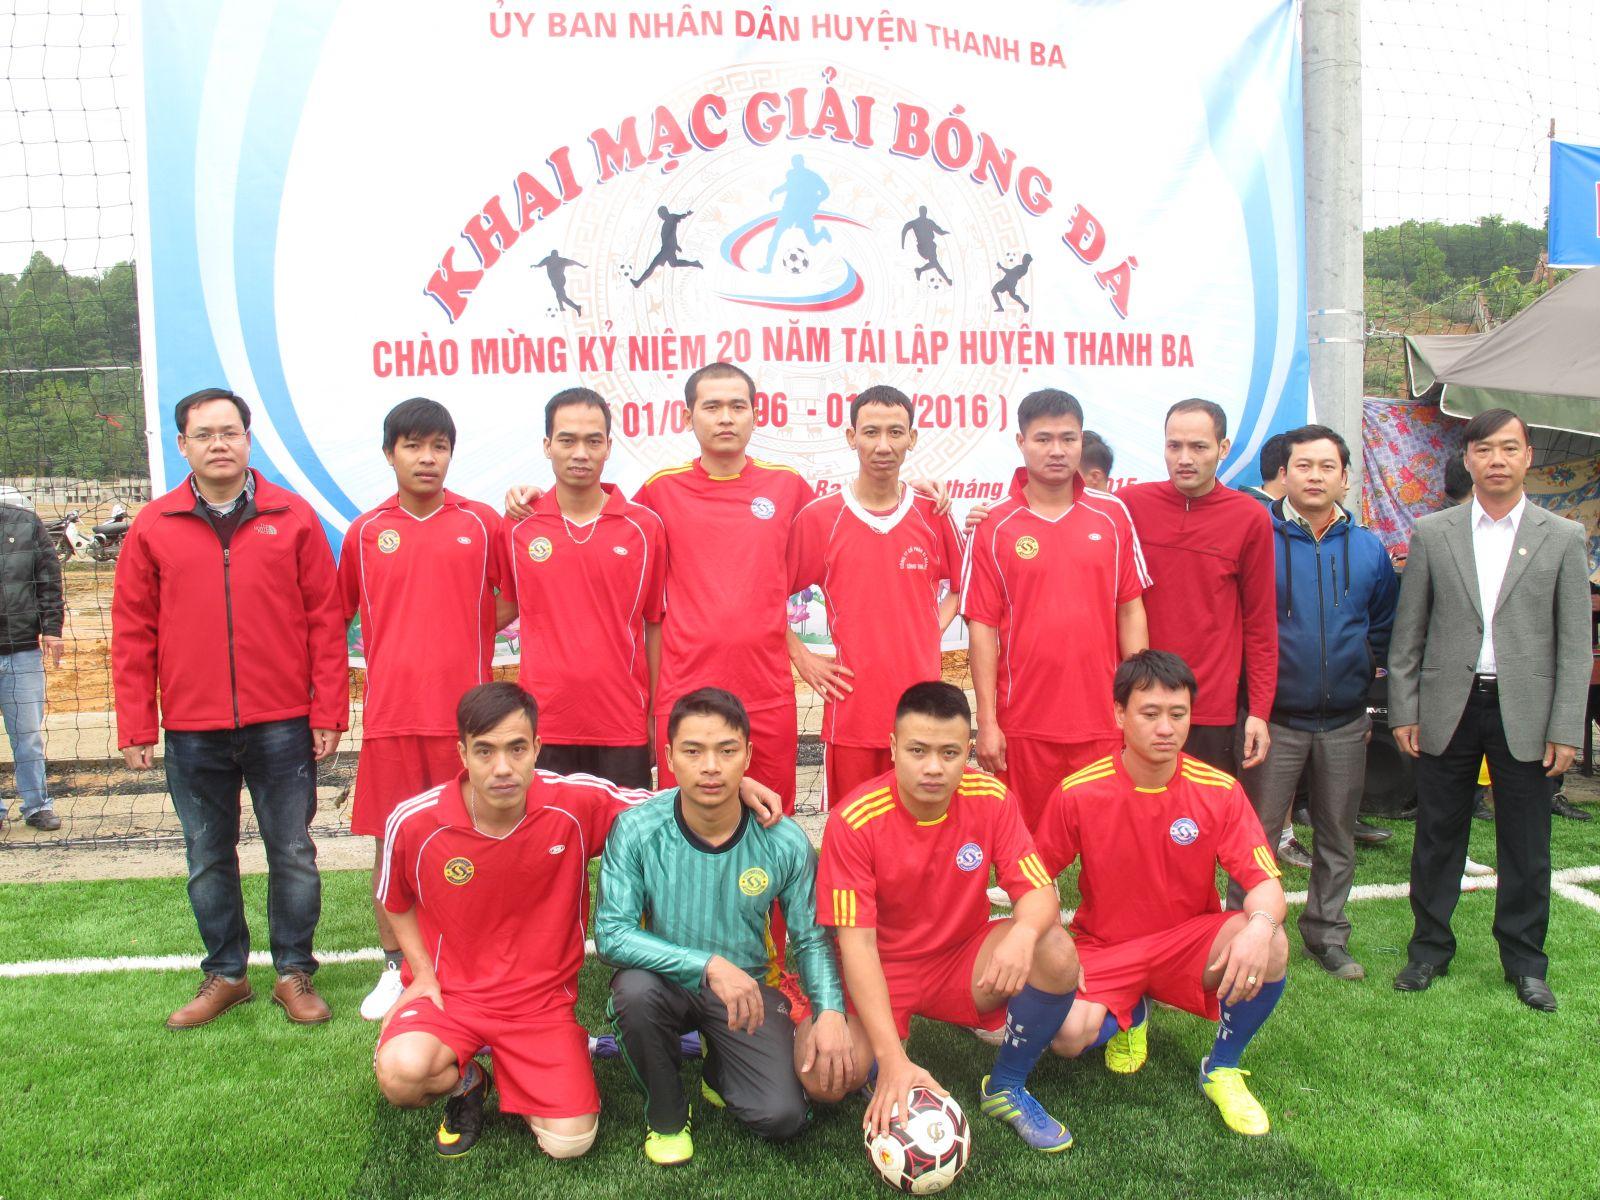 Tham gia các hoạt động chào mừng kỷ niệm 20 năm ngày tái lập huyện Thanh Ba